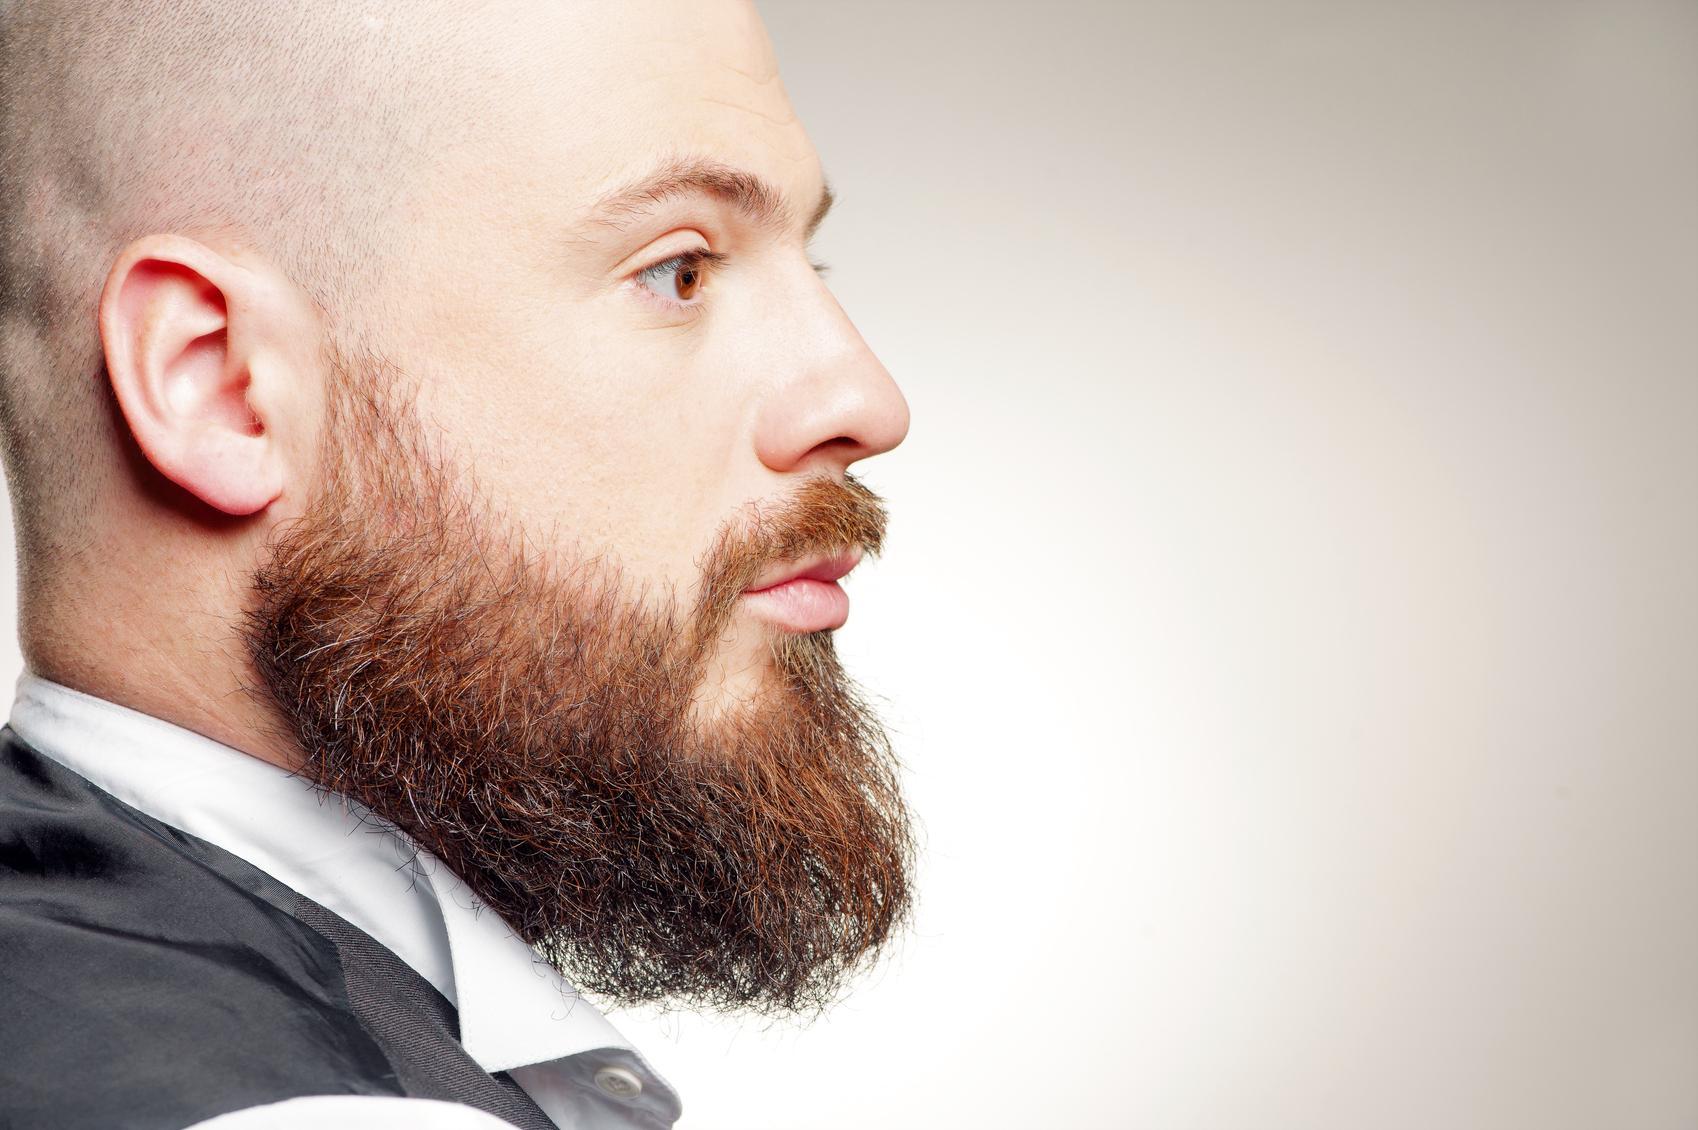 Conseils pour faire pousser une barbe